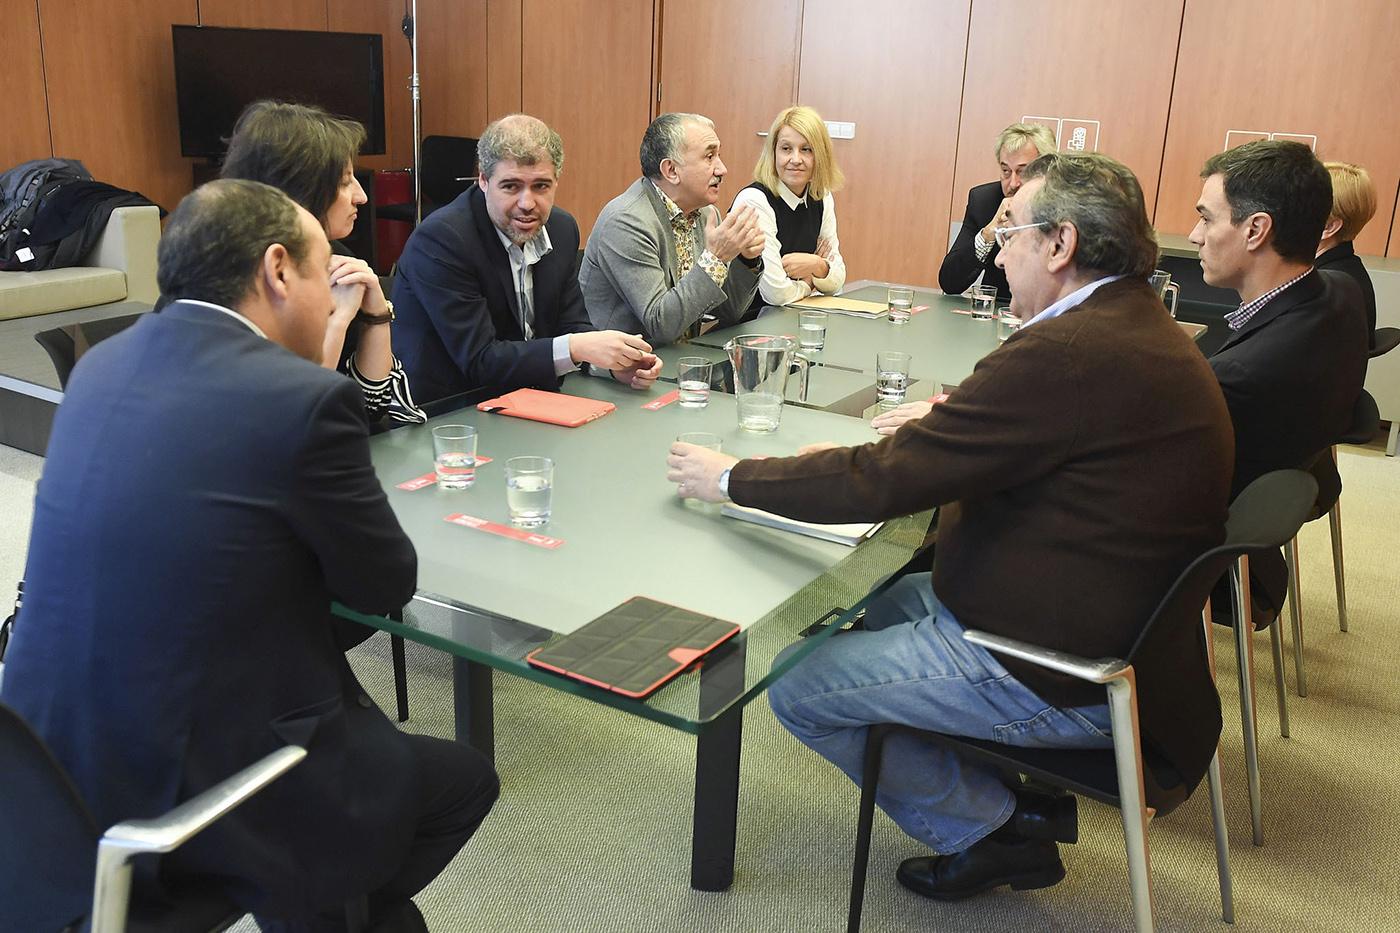 El PSOE traslada a UGT y CCOO que valora el acuerdo alcanzado ayer sobre el SMI, pero subraya que serán más ambiciosos cuando lleguen al Gobierno